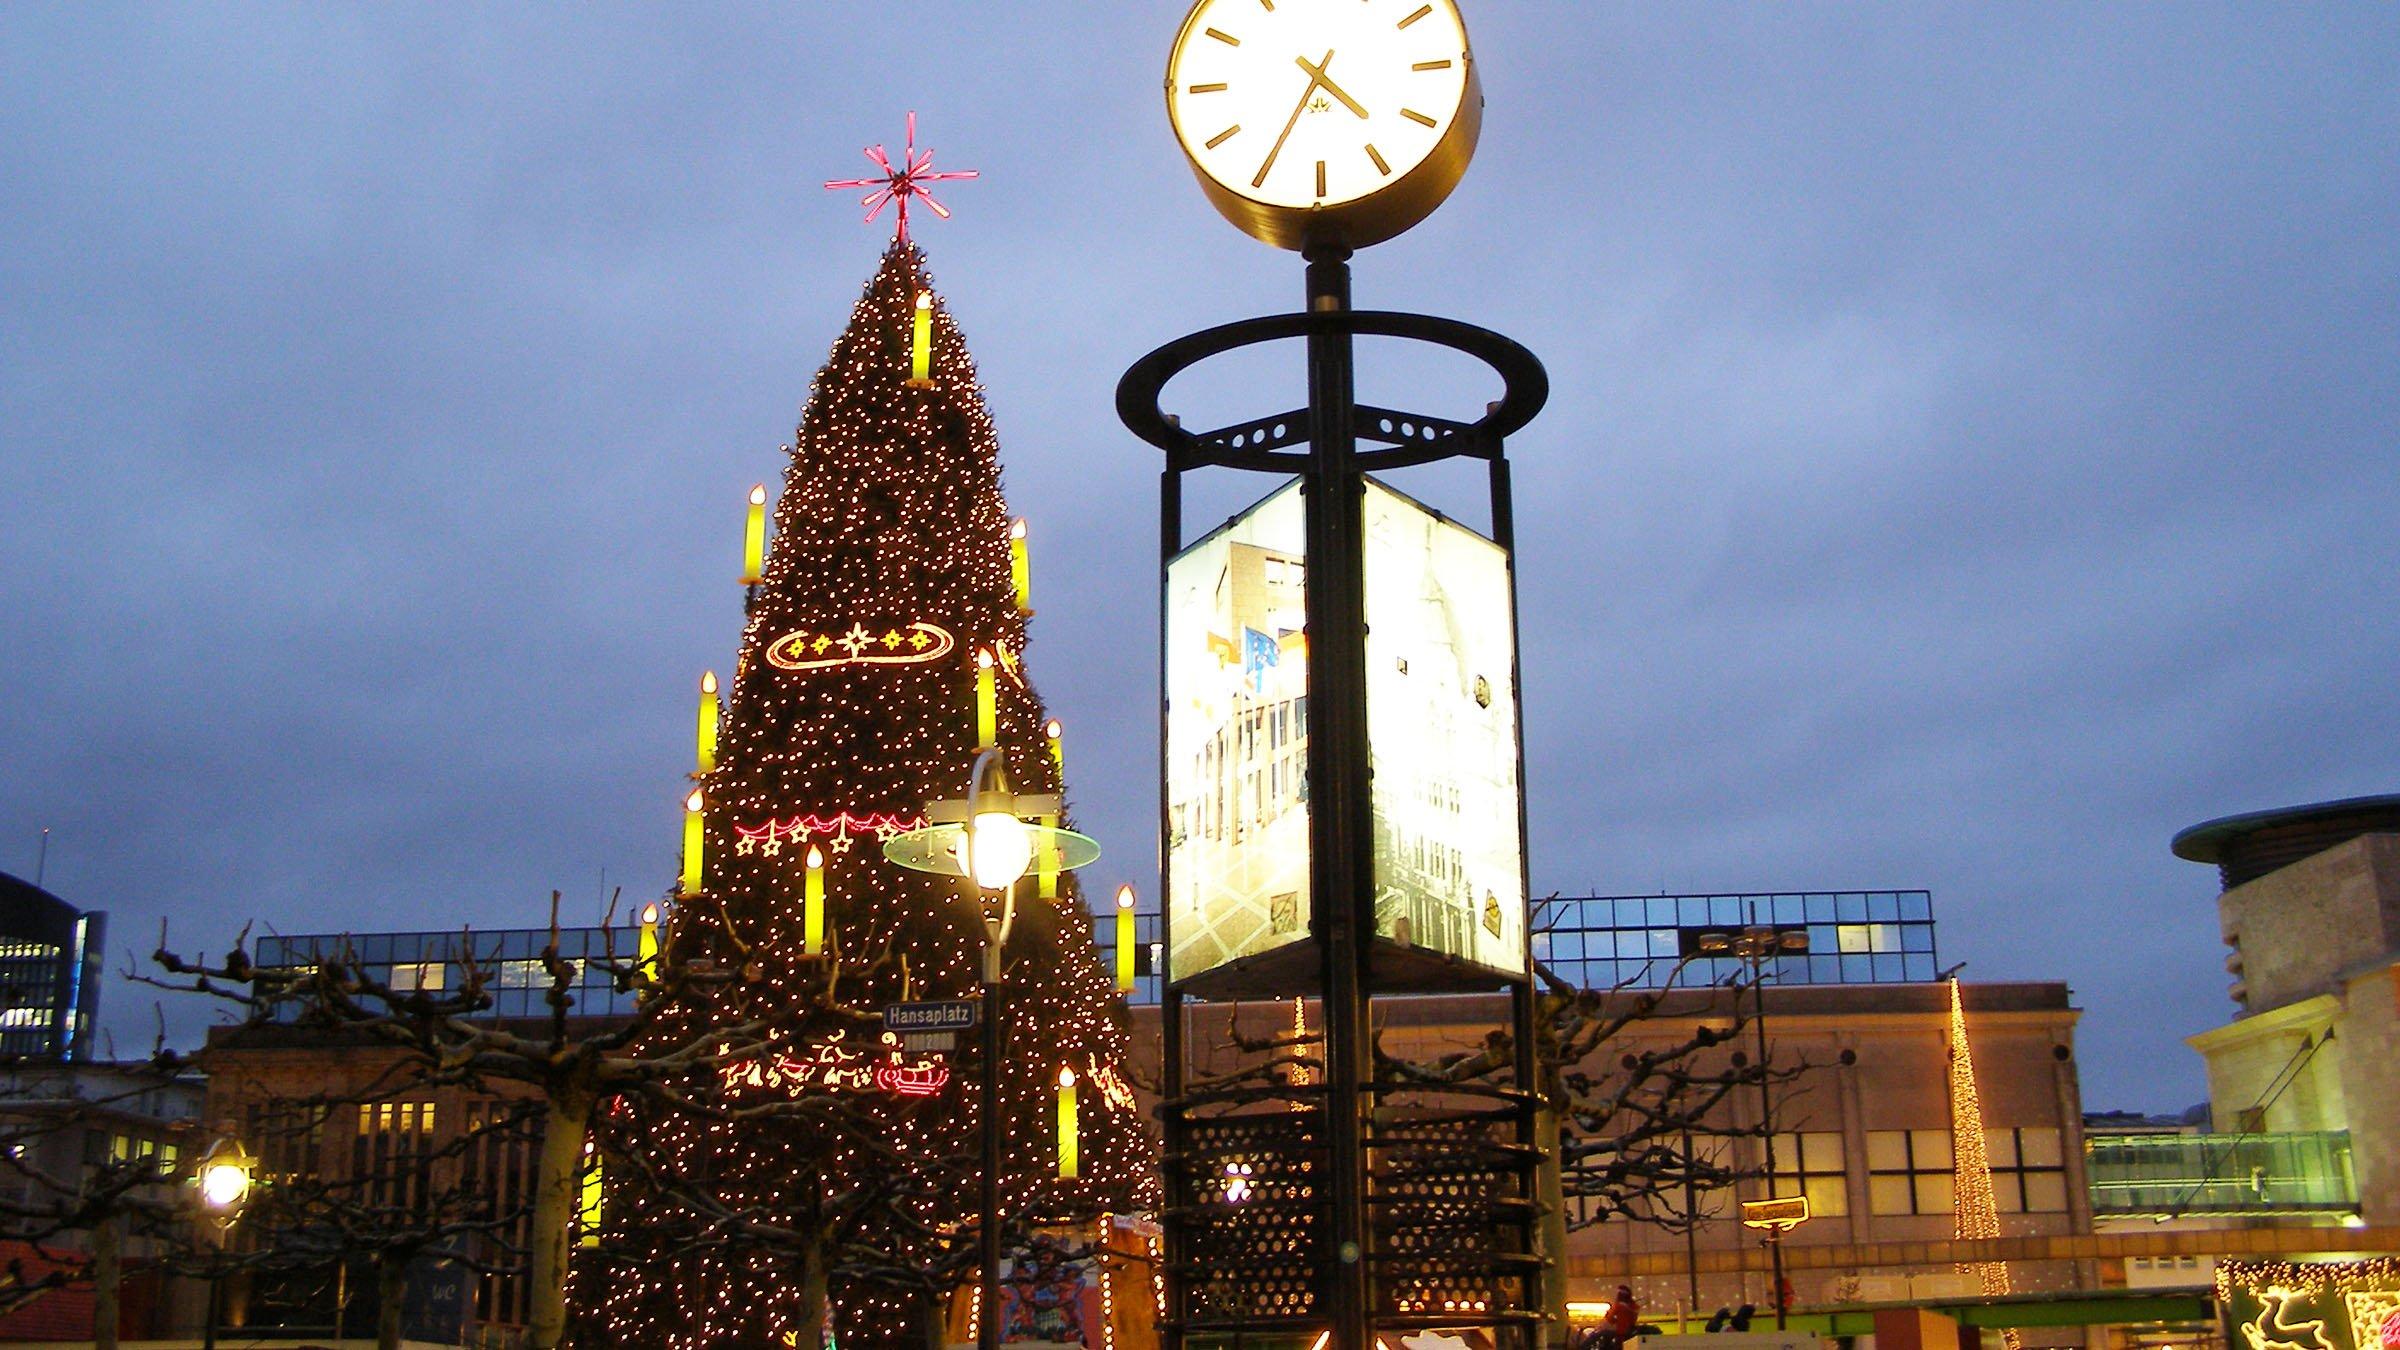 Arbol de navidad de dortmund alemania - Arbol tipico de navidad ...